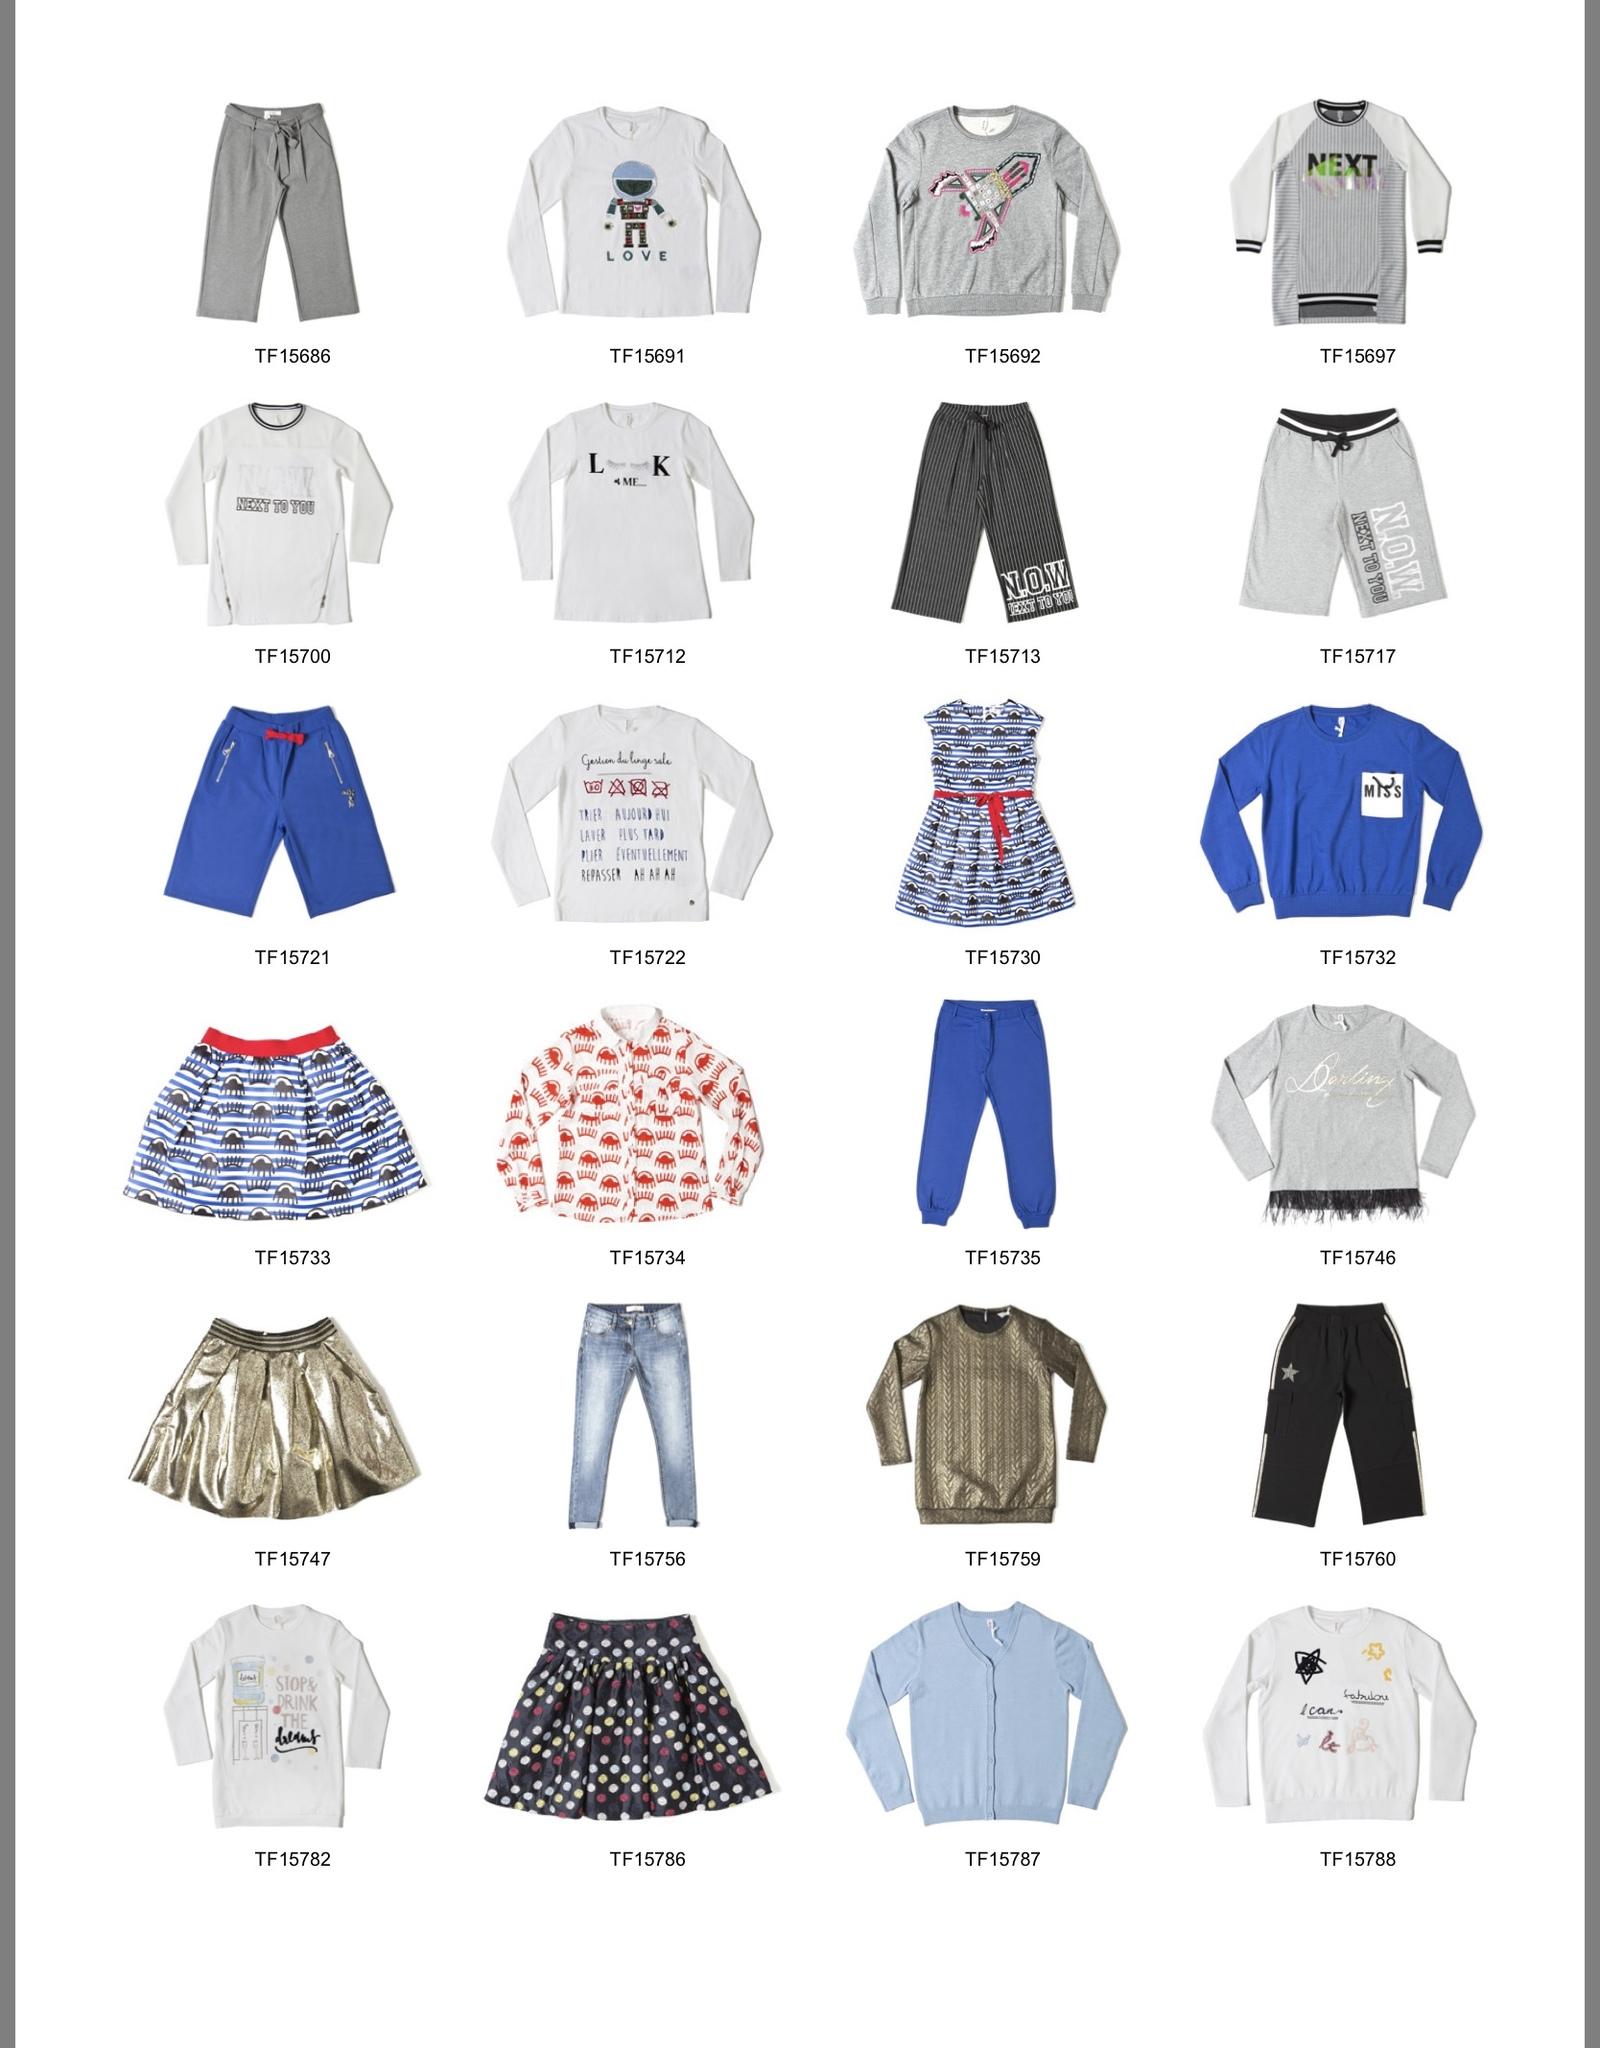 To Be Too-детская итальянская одежда для мальчиков и девочек.http://lvivopt.com.ua/